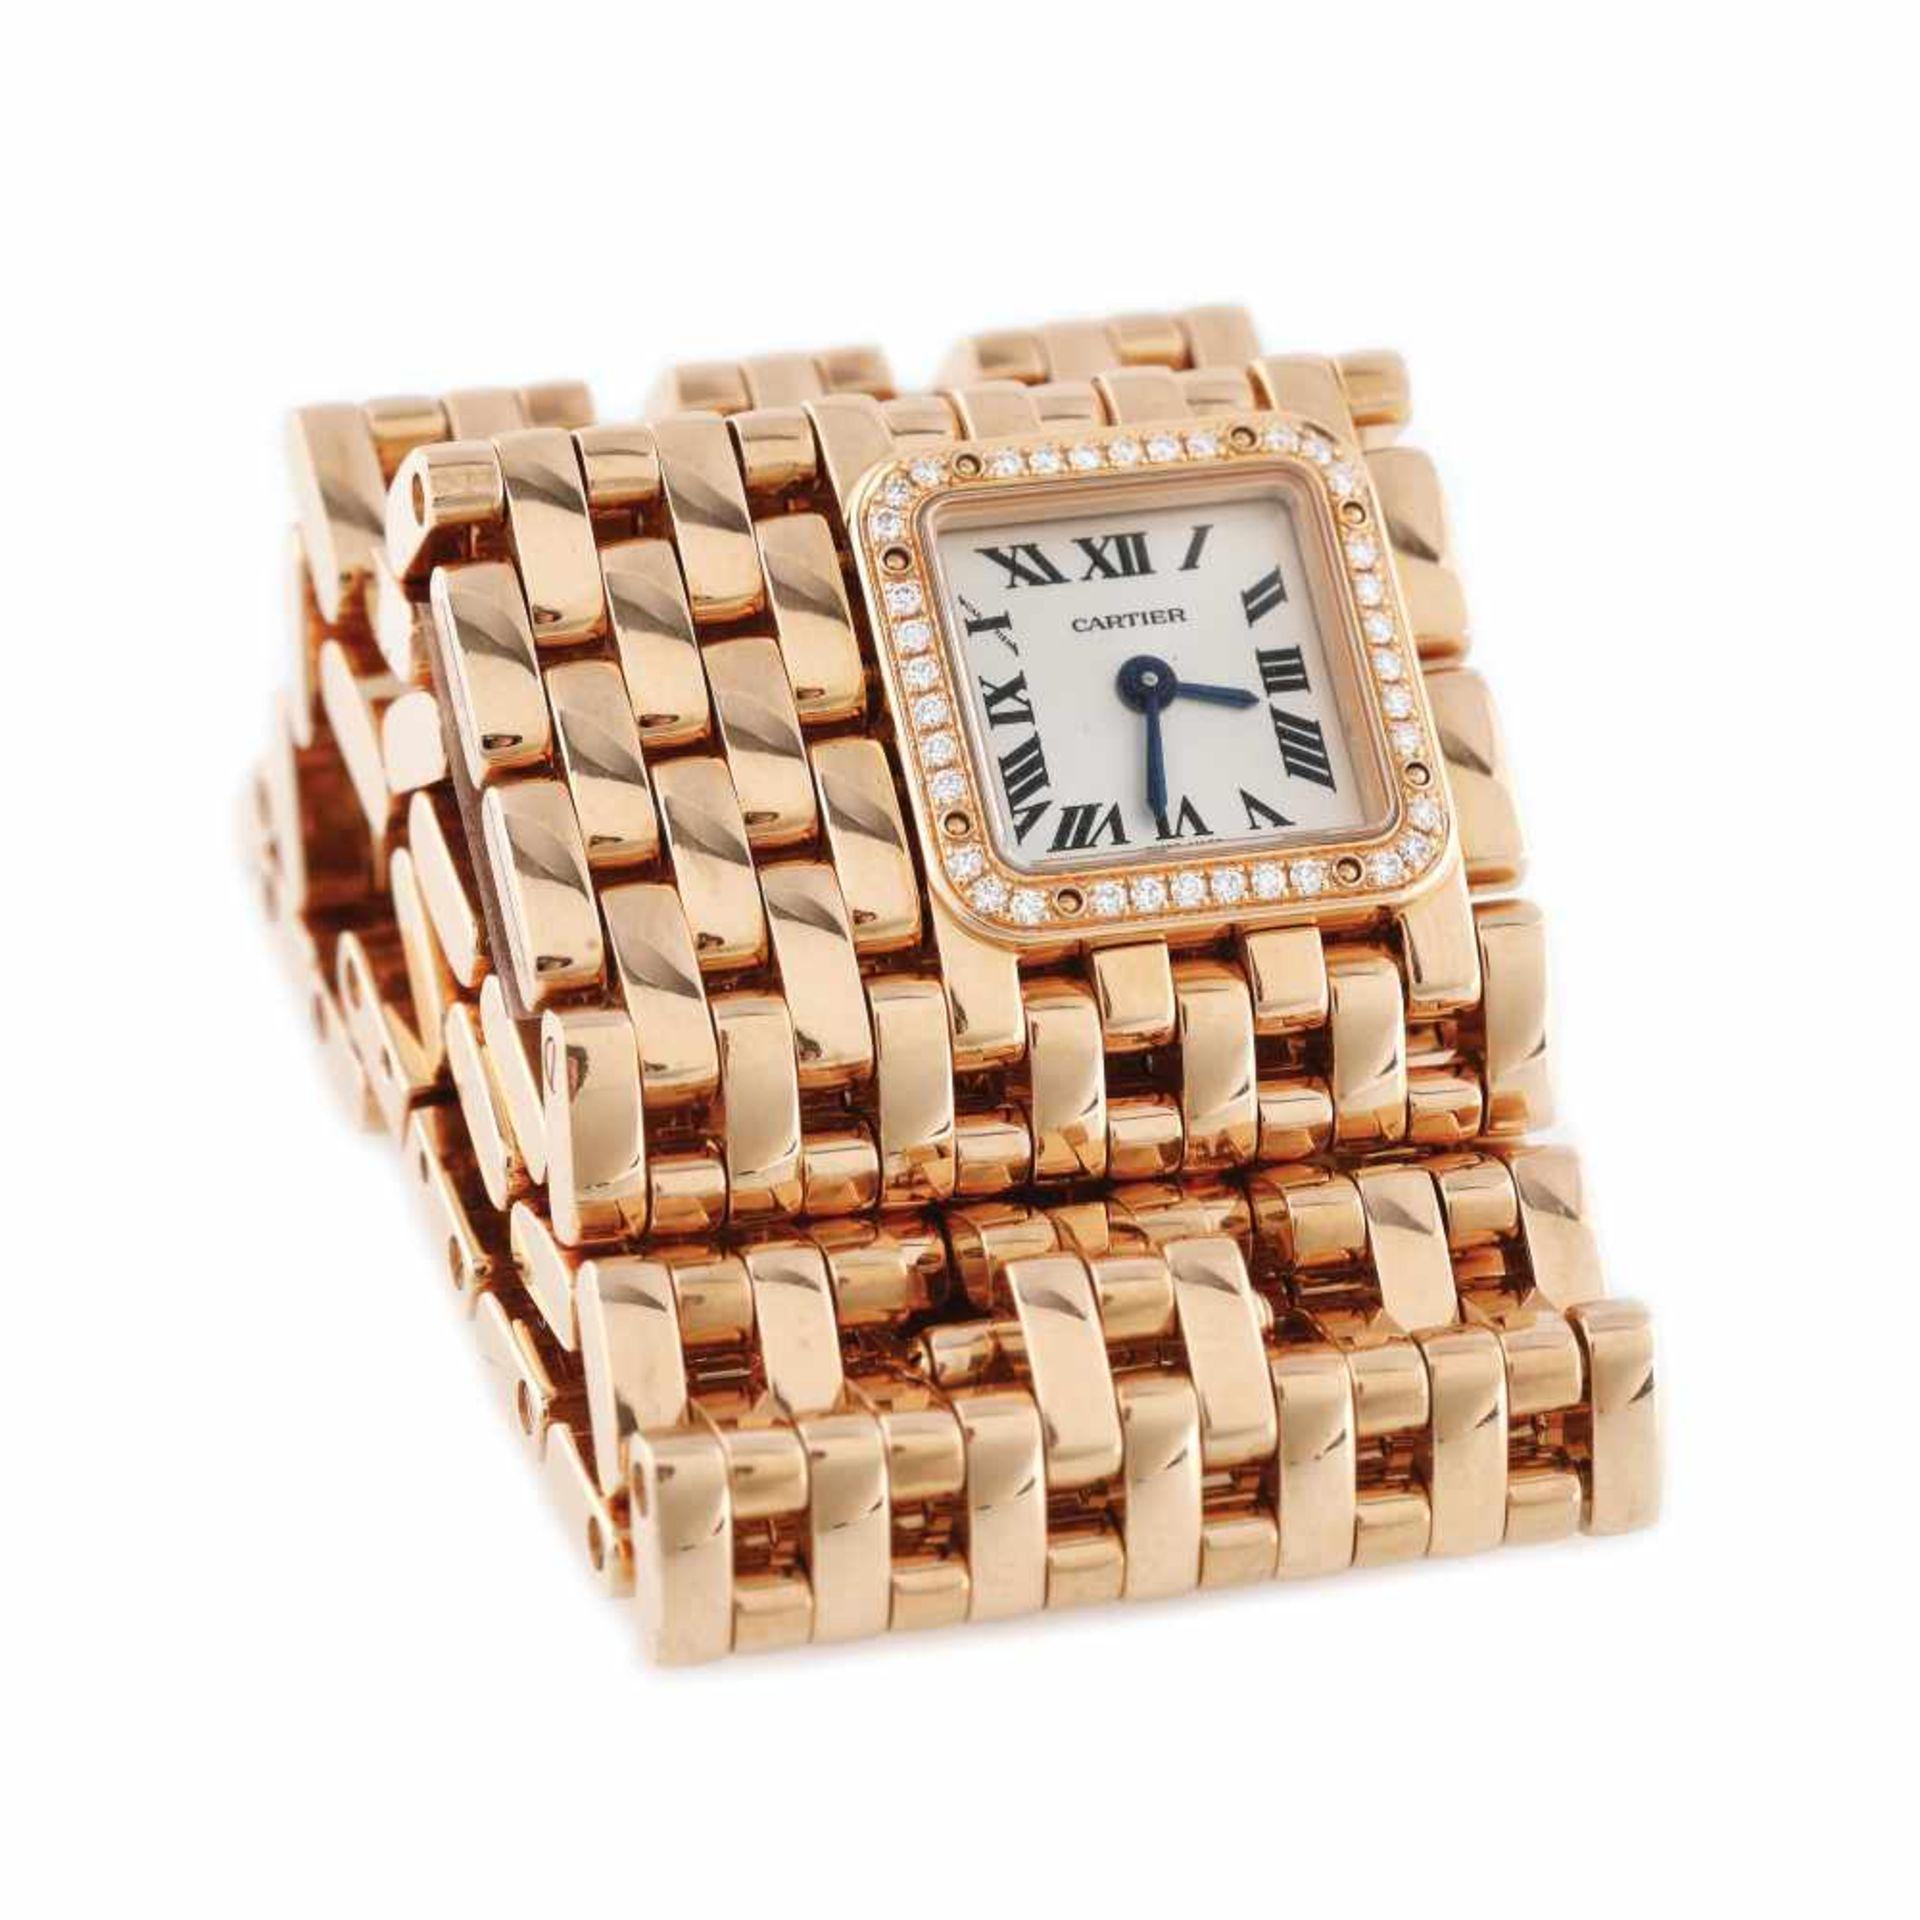 Panthère de Cartier Manchette bracelet watch, rare, gold, women, decorated with diamonds, provenanc - Bild 2 aus 6